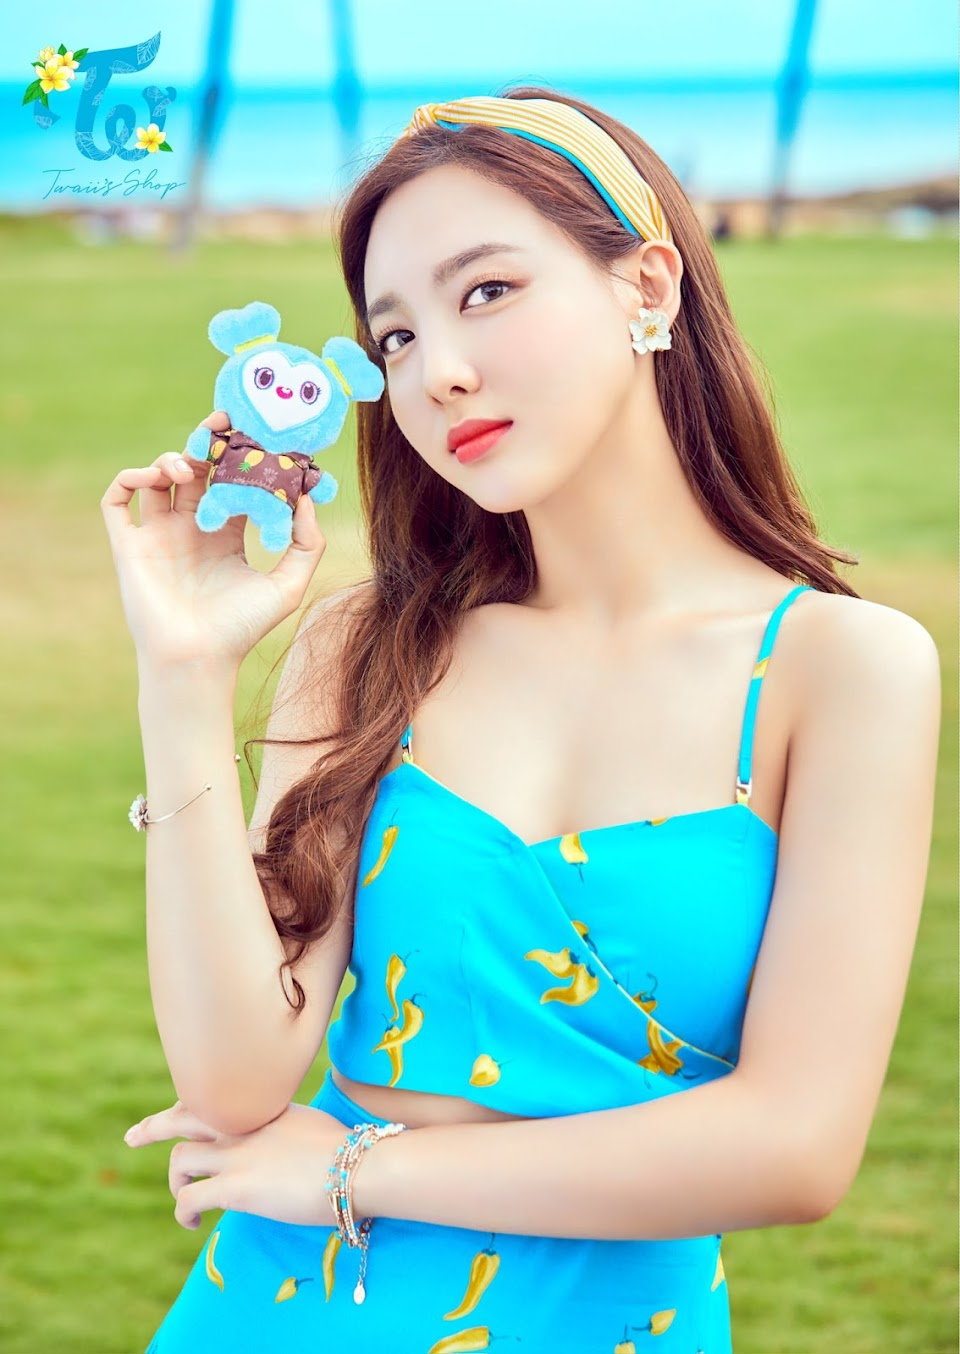 nayeonrainbow_blue2